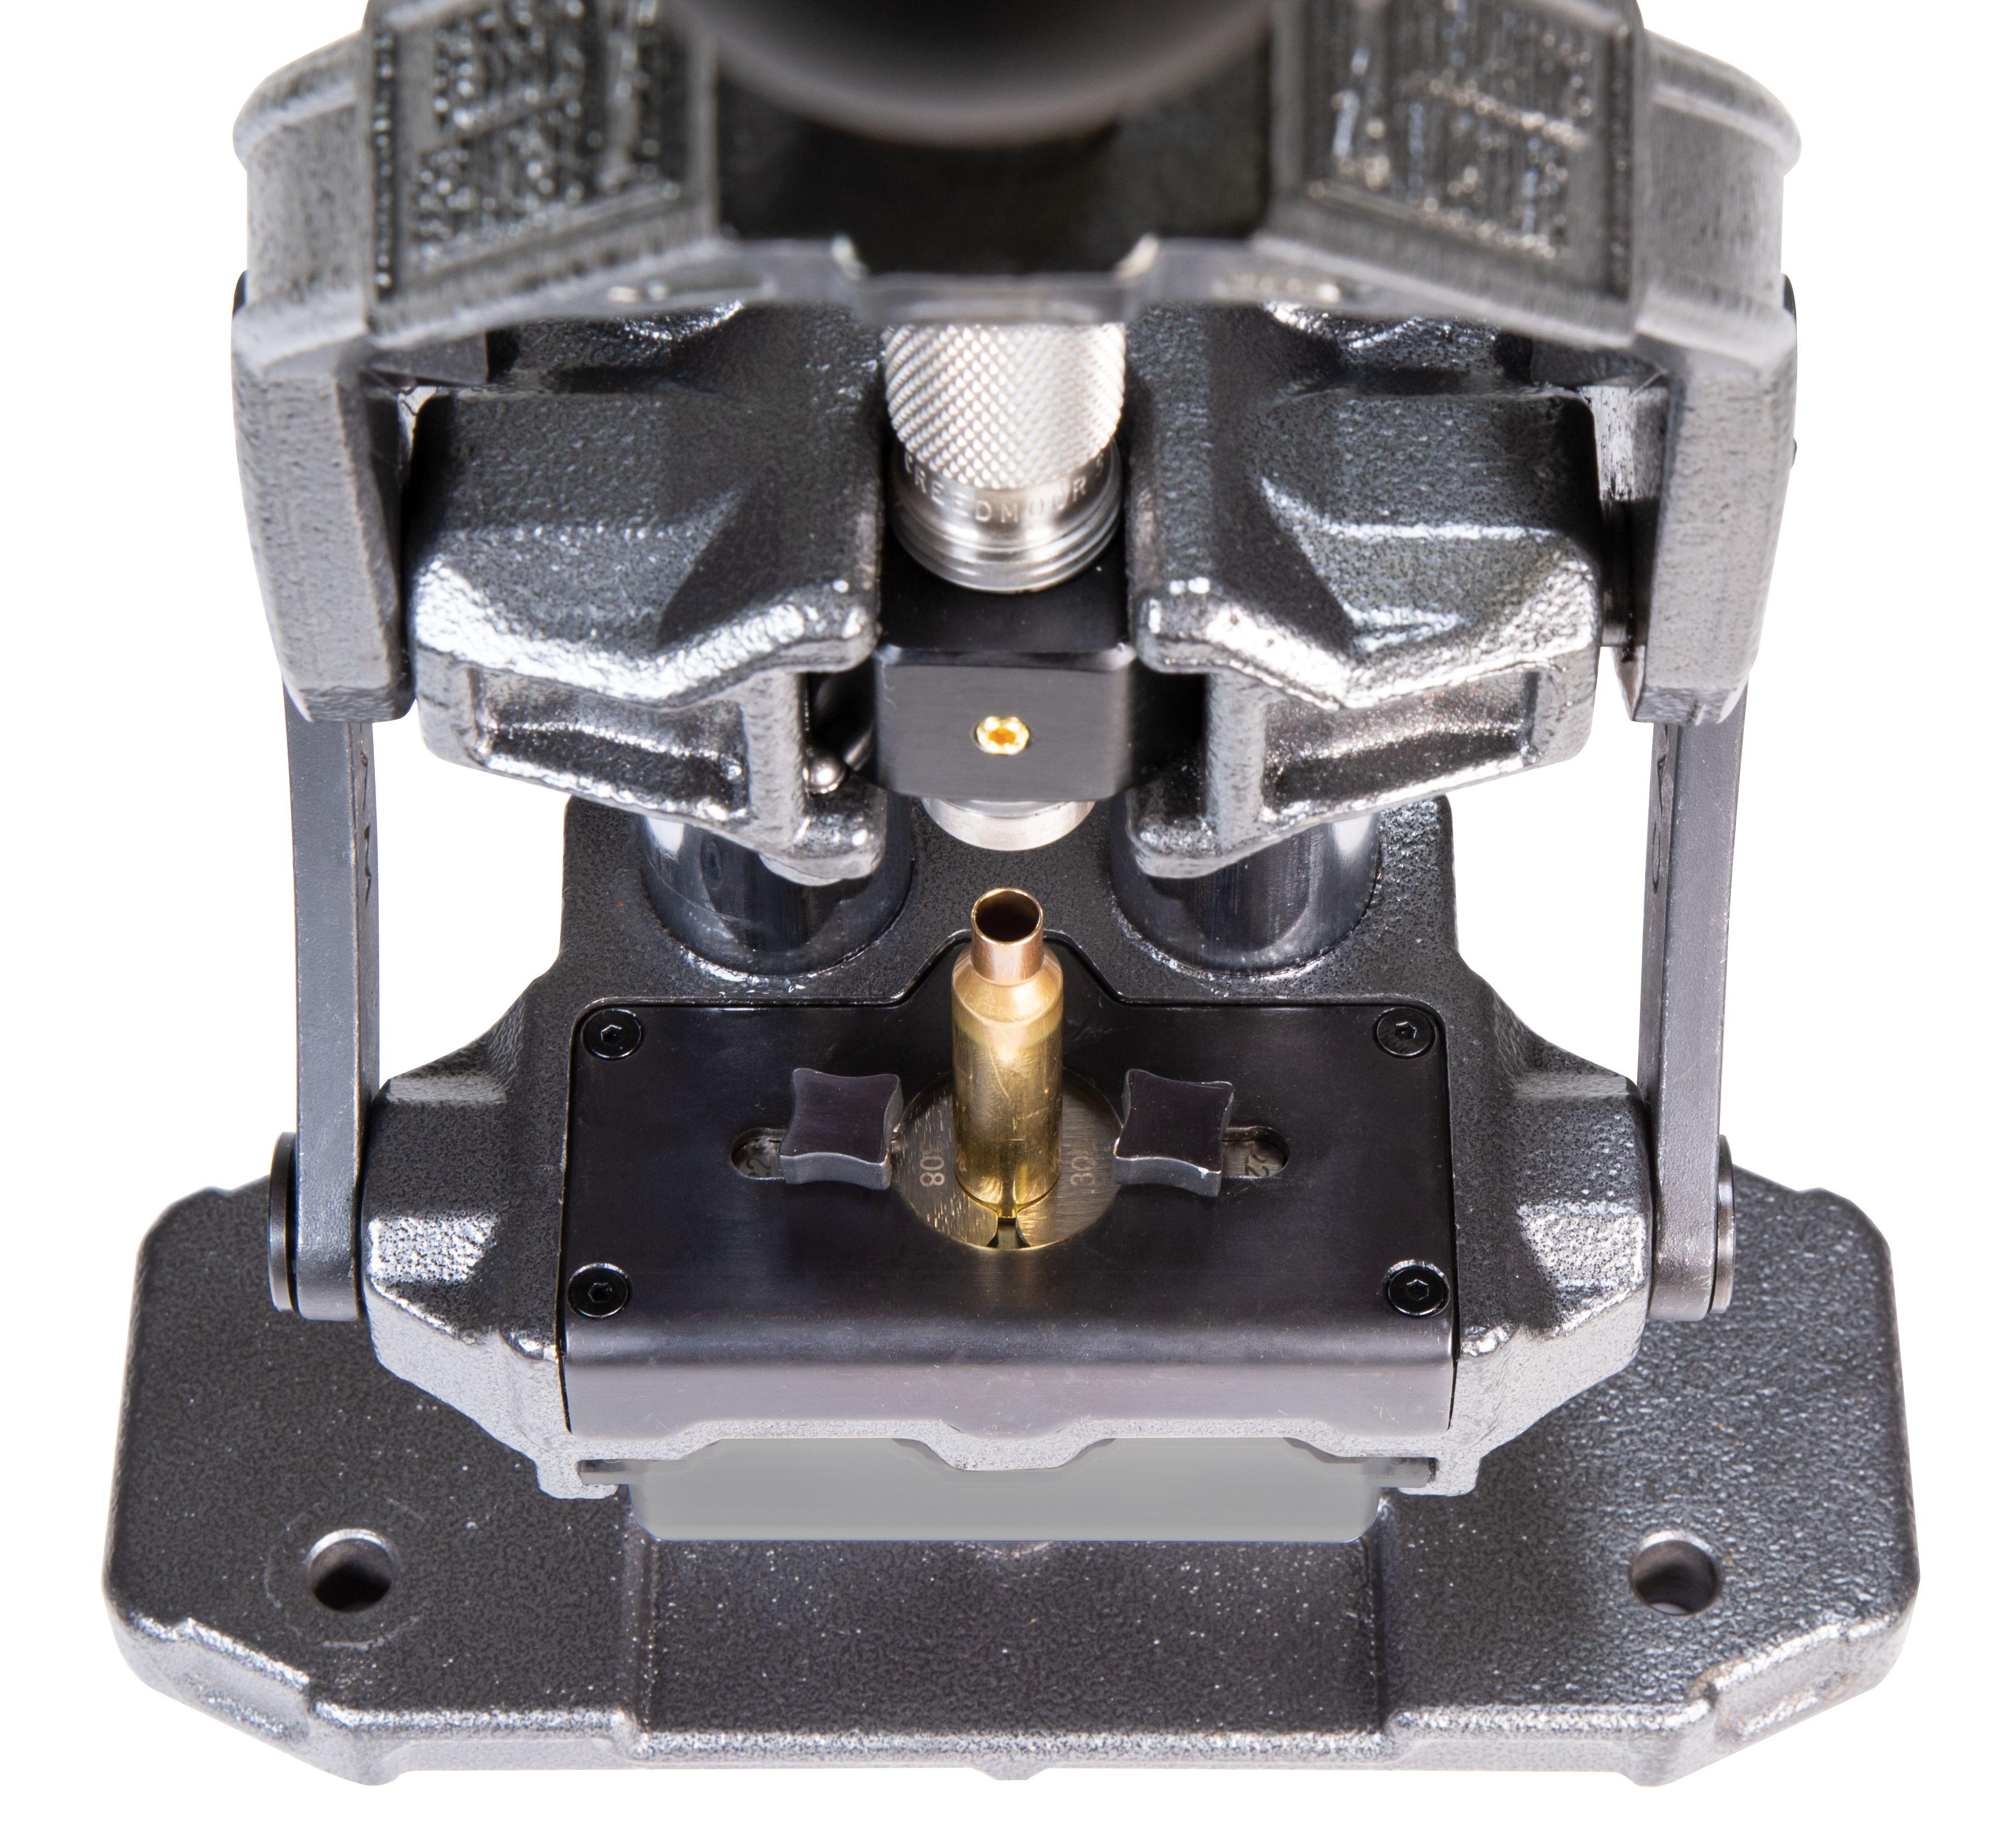 opplanet-frankford-arsenal-co-axial-reloading-press-steel-1097879-av-1